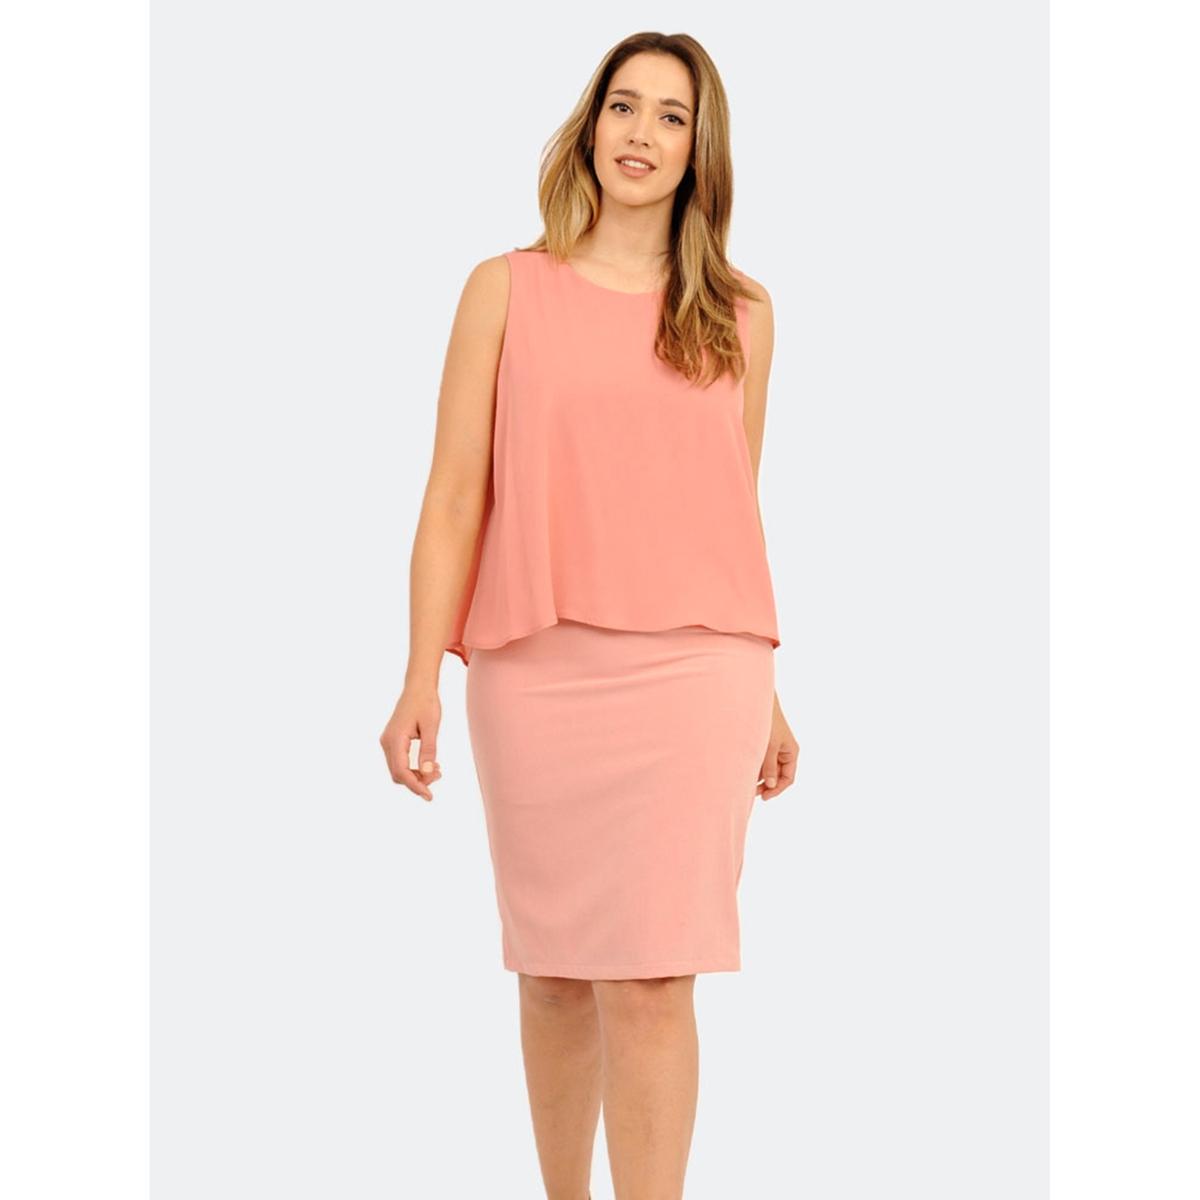 Платье 2 в 1Платье 2 в 1 - LOVEDROBE. Без рукавов. Красивый вырез сзади. Длина ок.104 см. 100% полиэстера.<br><br>Цвет: персиковый